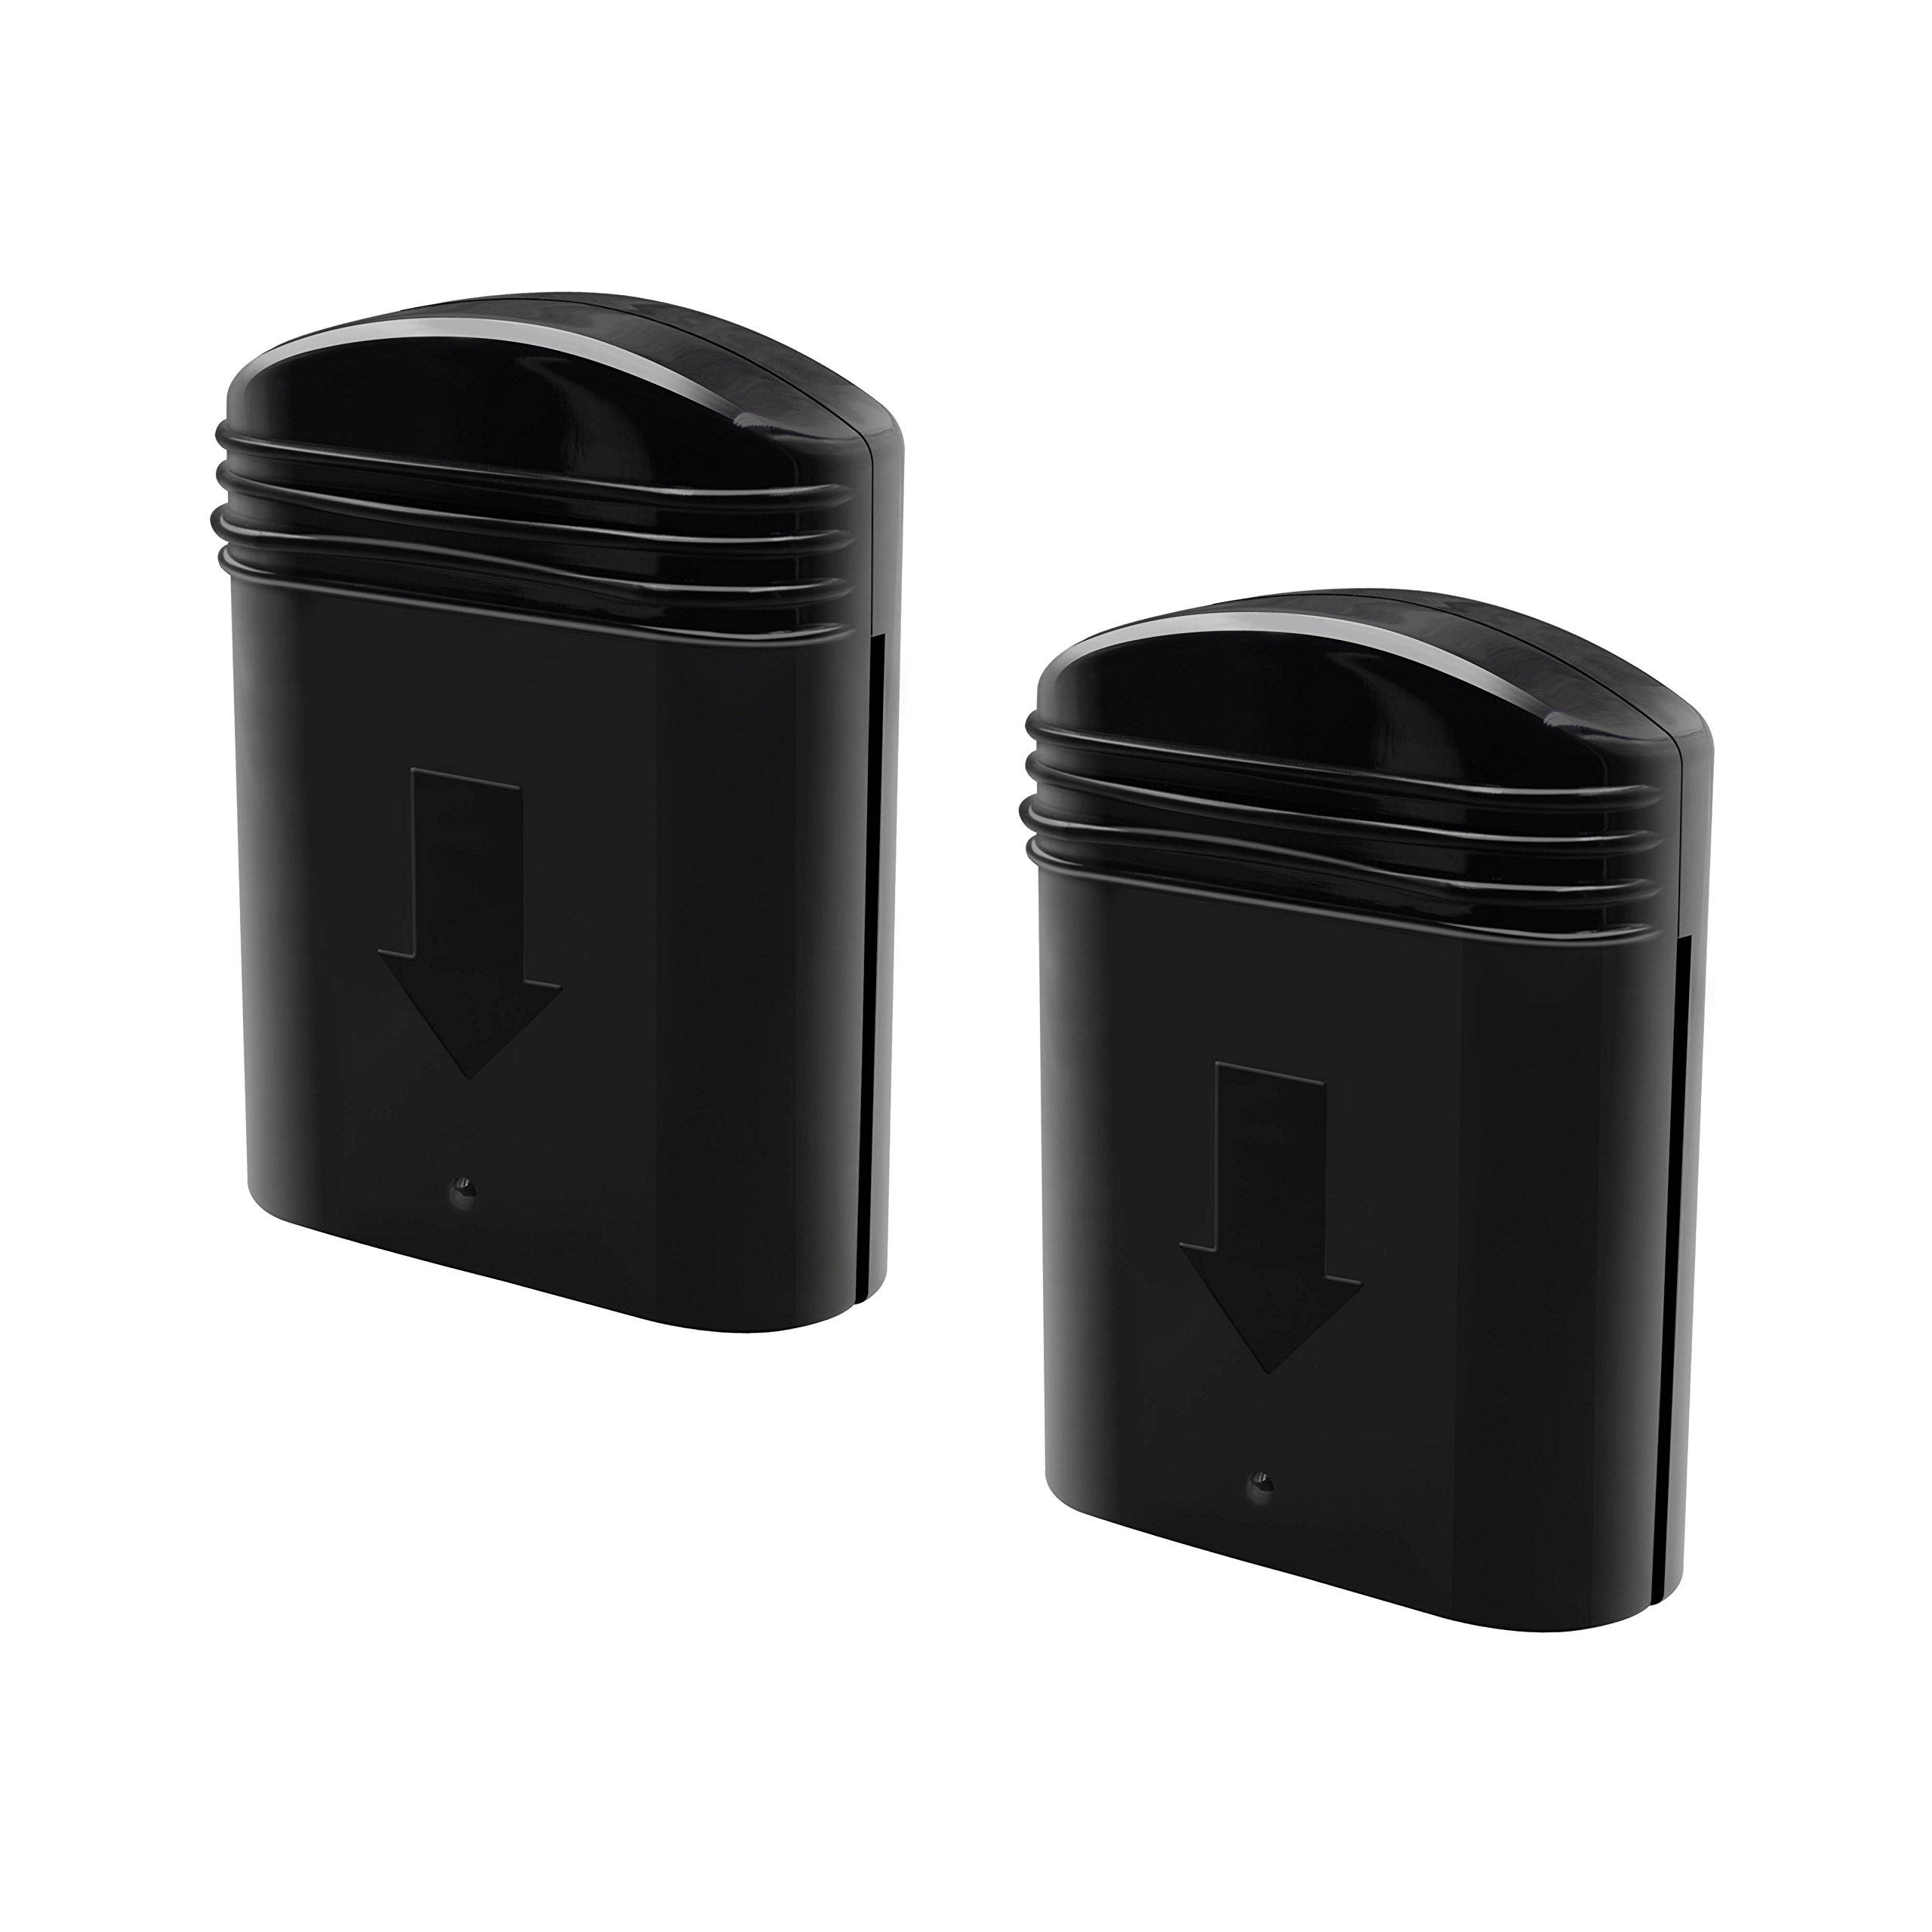 Bonacell 2 Pack High Capacity 6V 3000mAh Eureka 96 Series Replacement Batteries for Eureka 60776, 68112, 39150 and Eureka 96 Series Vacuum